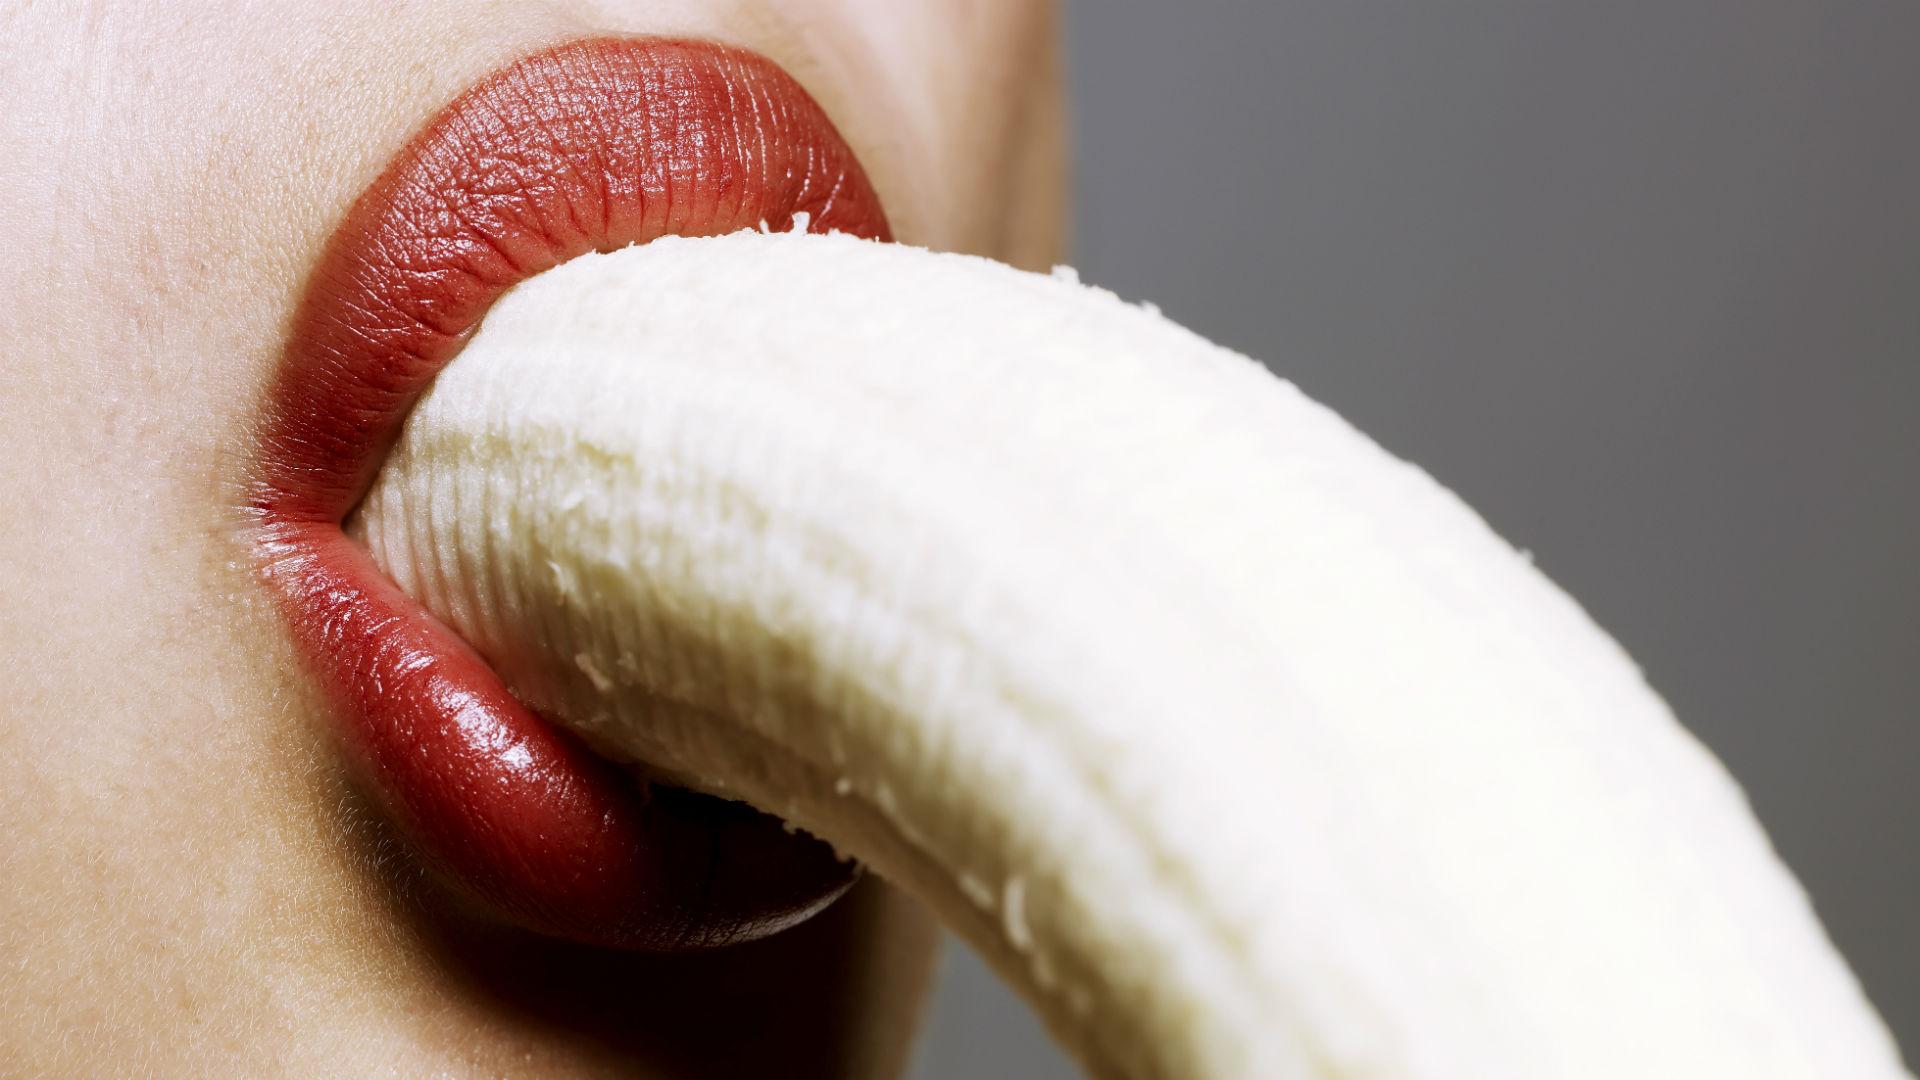 garganta profunda - Consejos y tips para realizar una garganta profunda con éxito